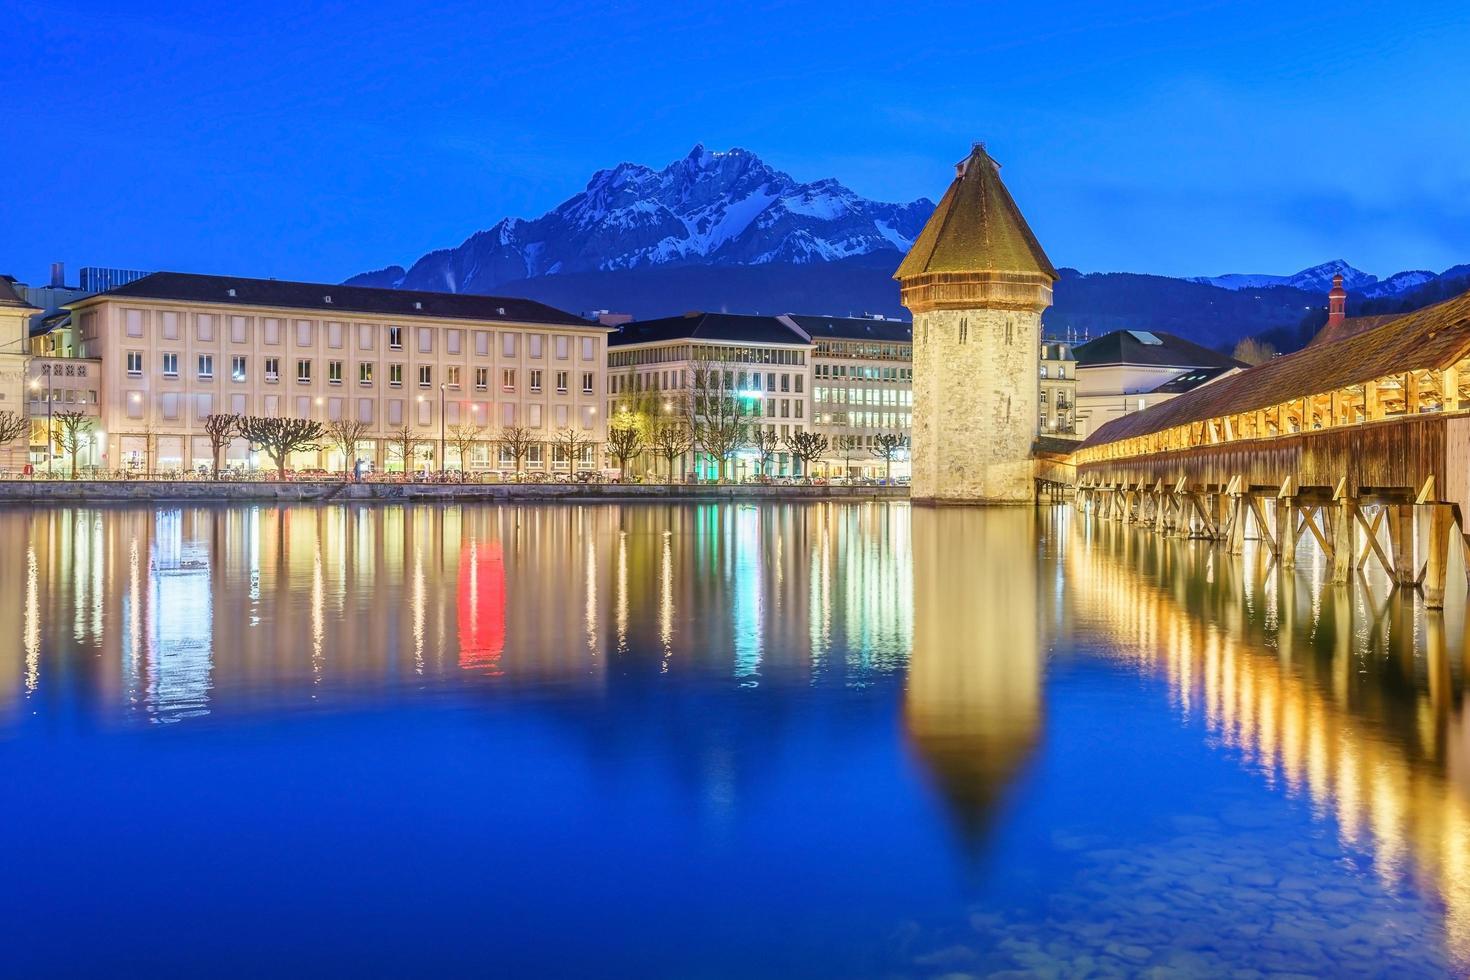 Centro de la ciudad de Lucerna con el puente de la capilla y el lago de Lucerna, Suiza foto